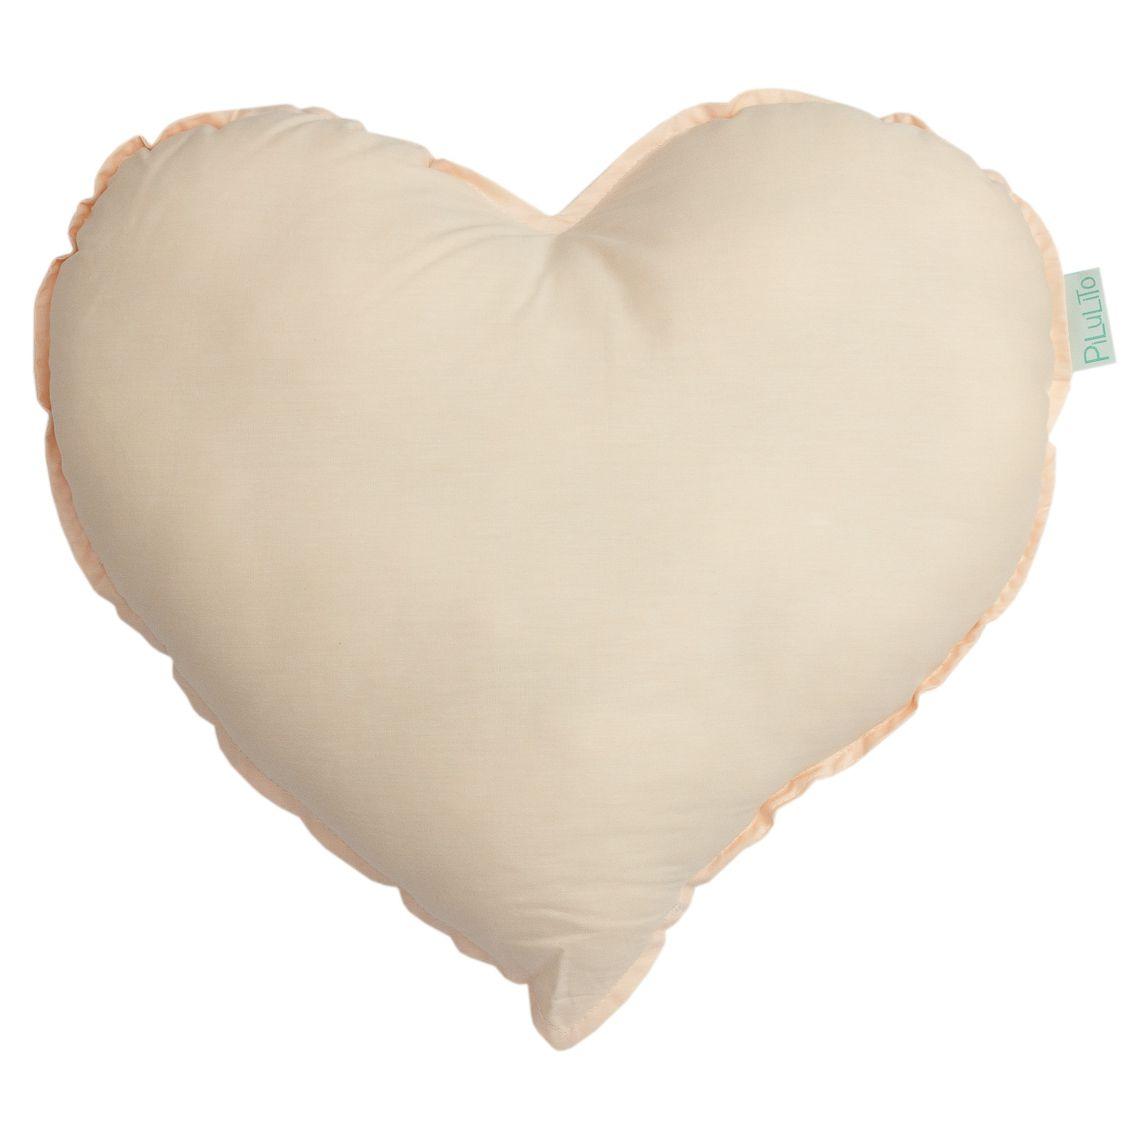 Almofada coração salmão suave